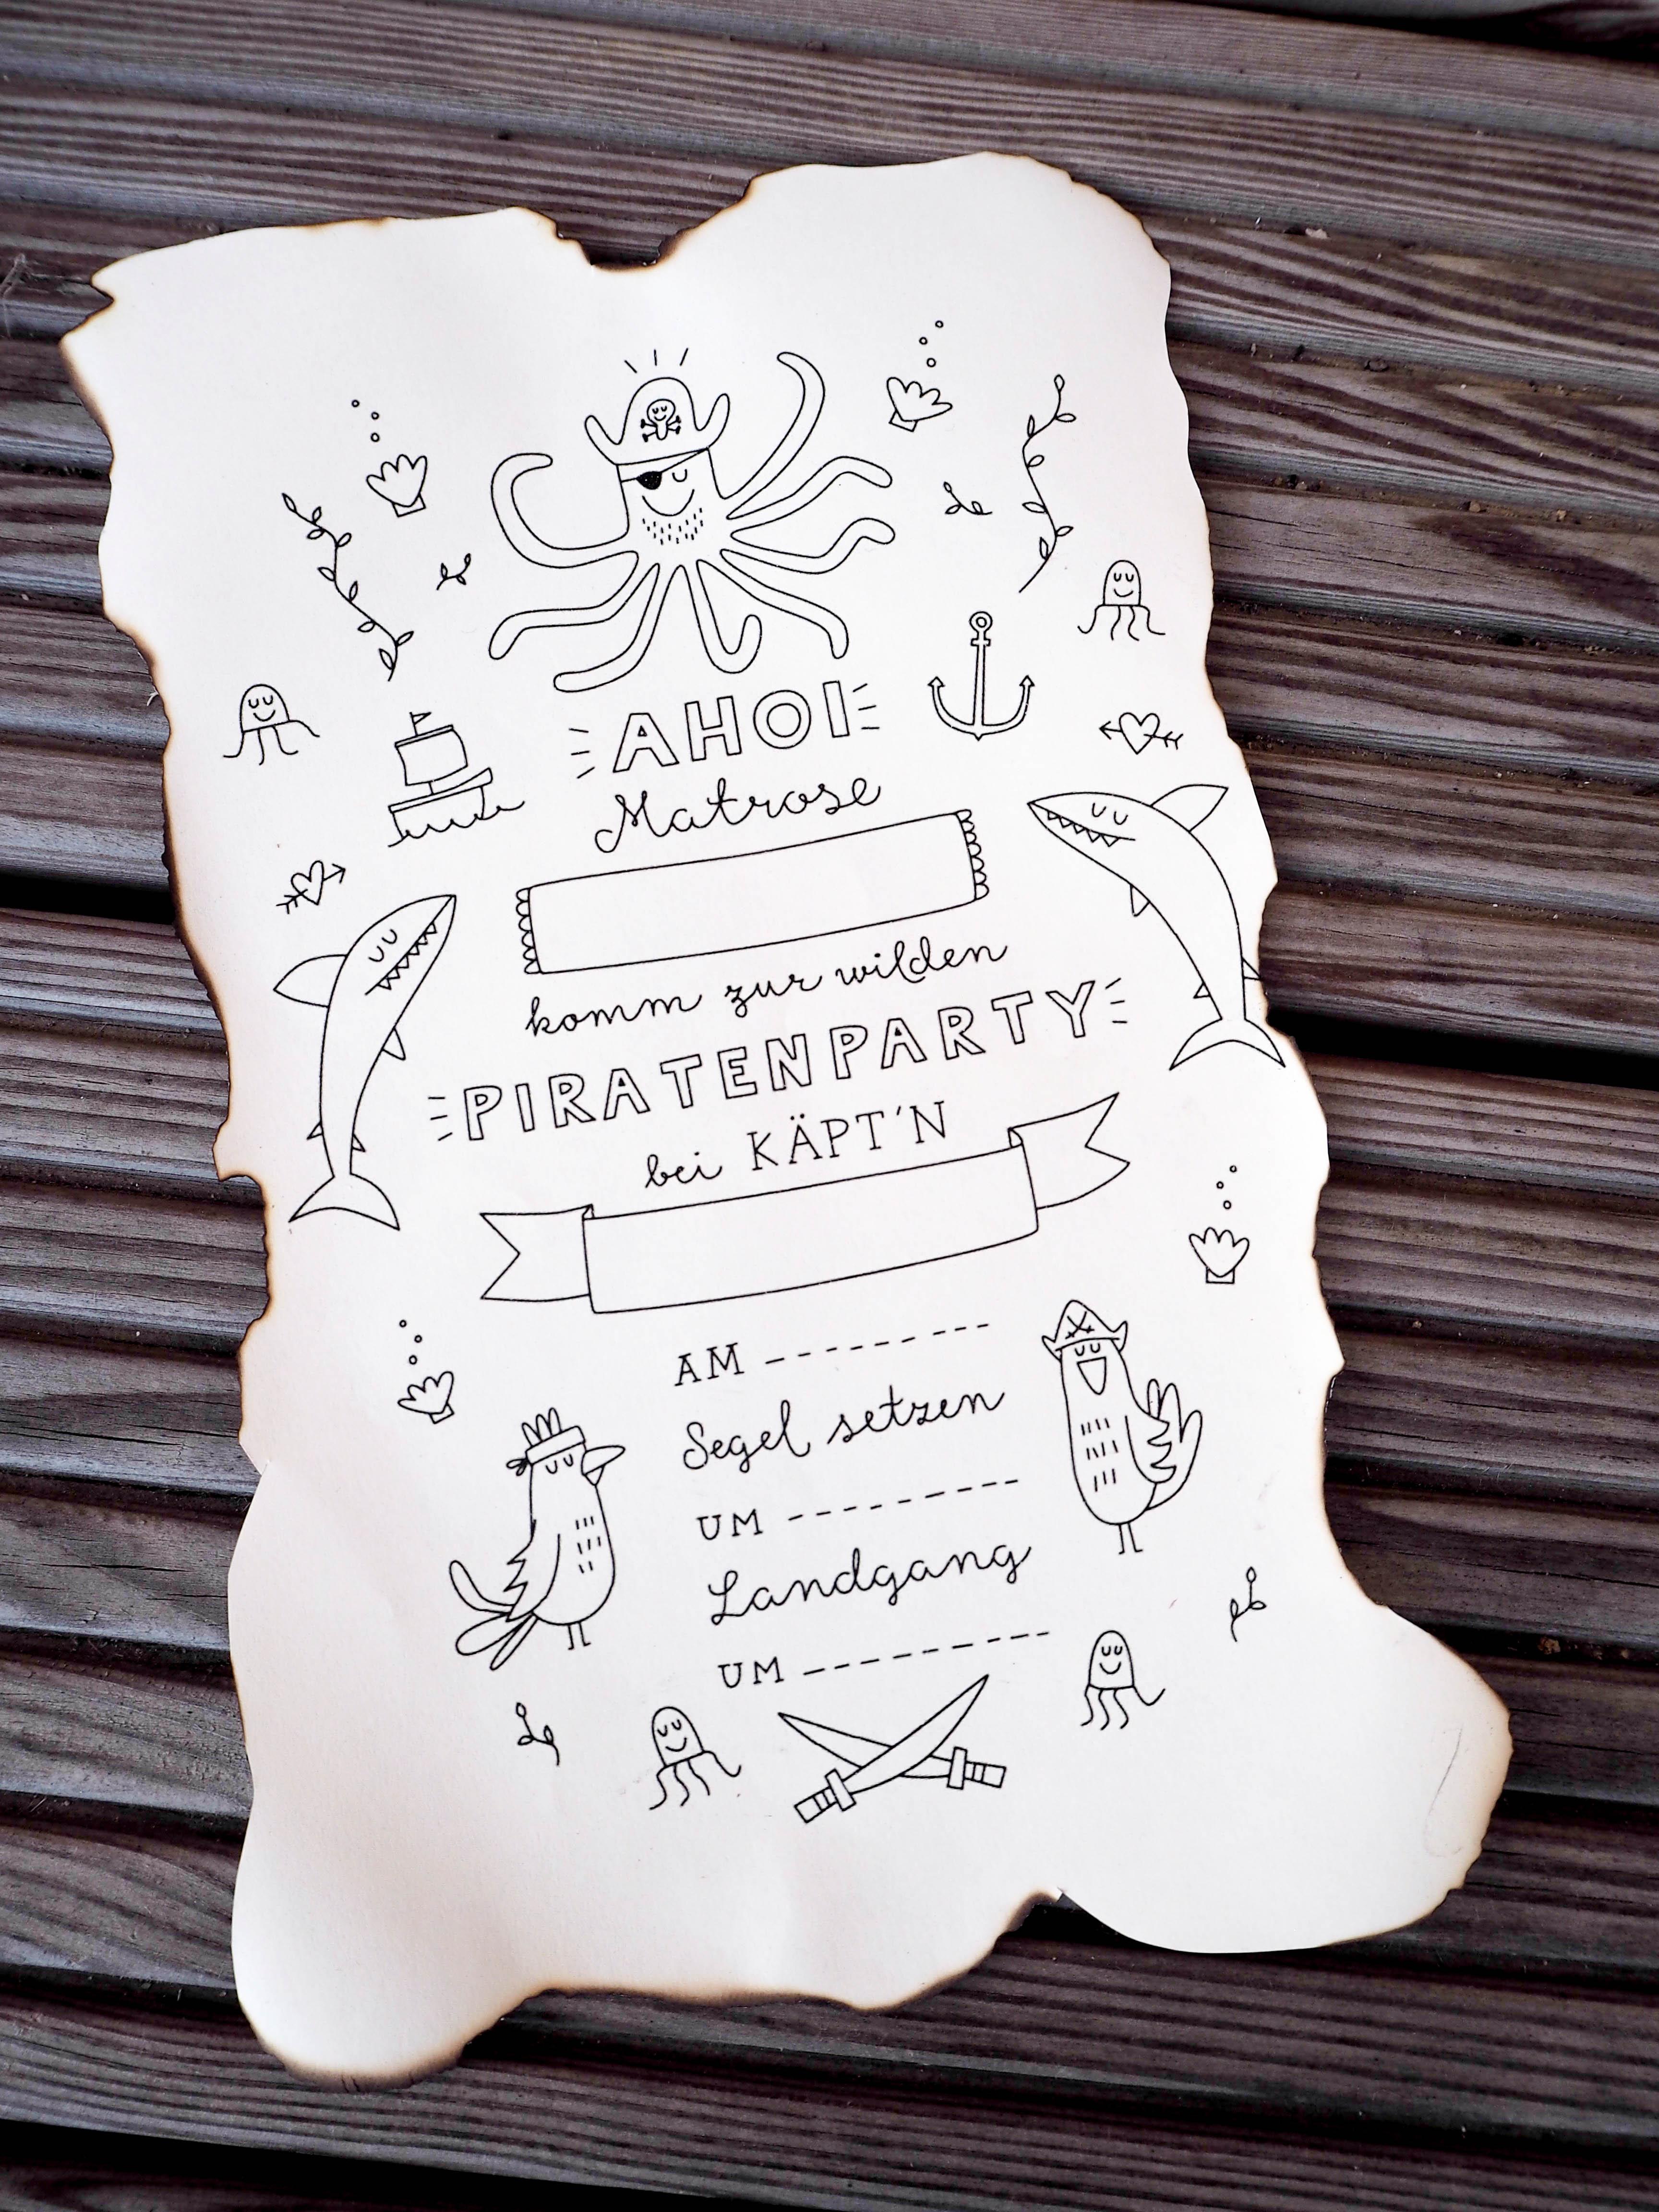 diy → einladung zur piratenparty | flaschenpost - justgooodvibes, Einladung